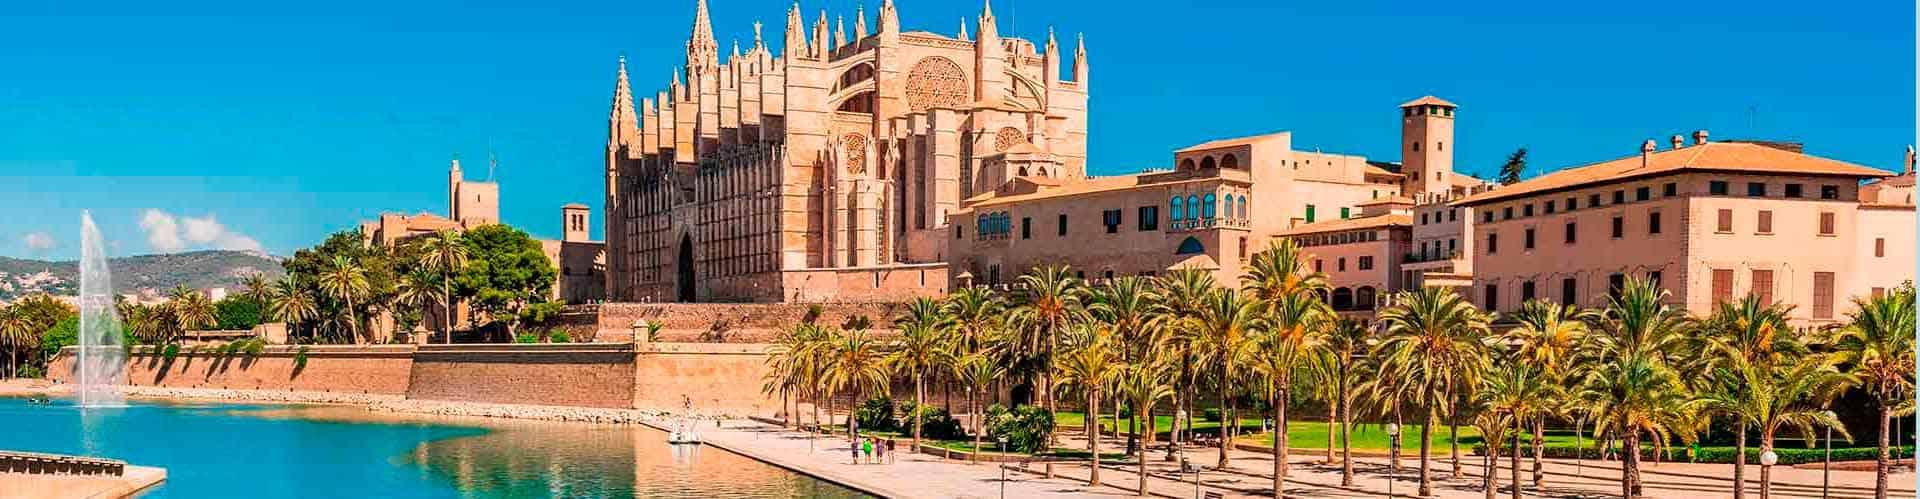 free tour mallorca – turismo españa